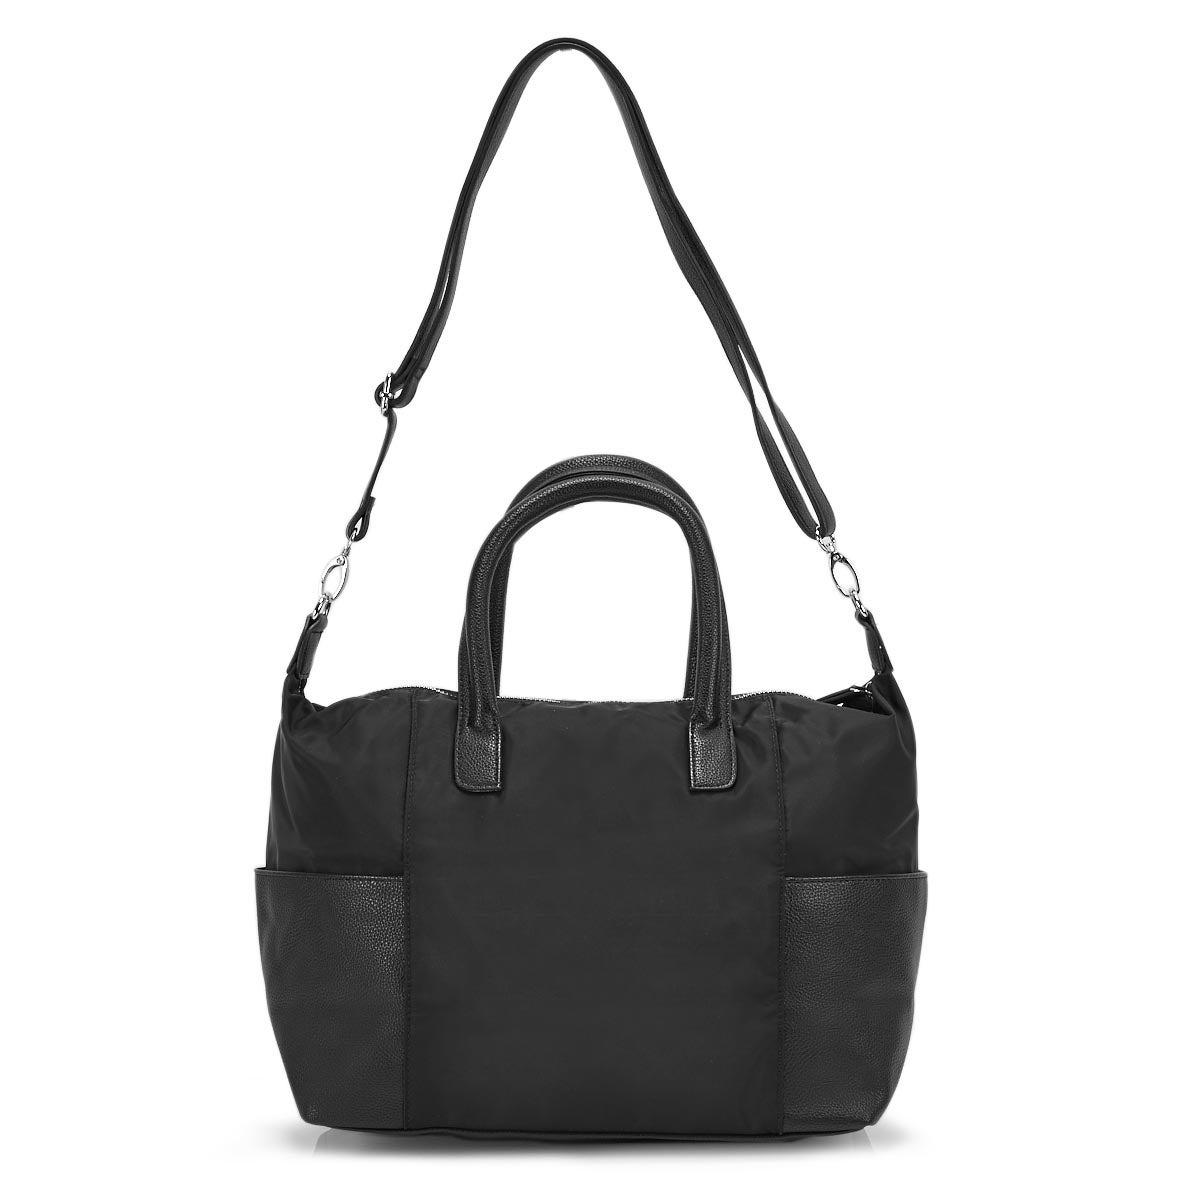 Lds Roots73 black top handle satchel